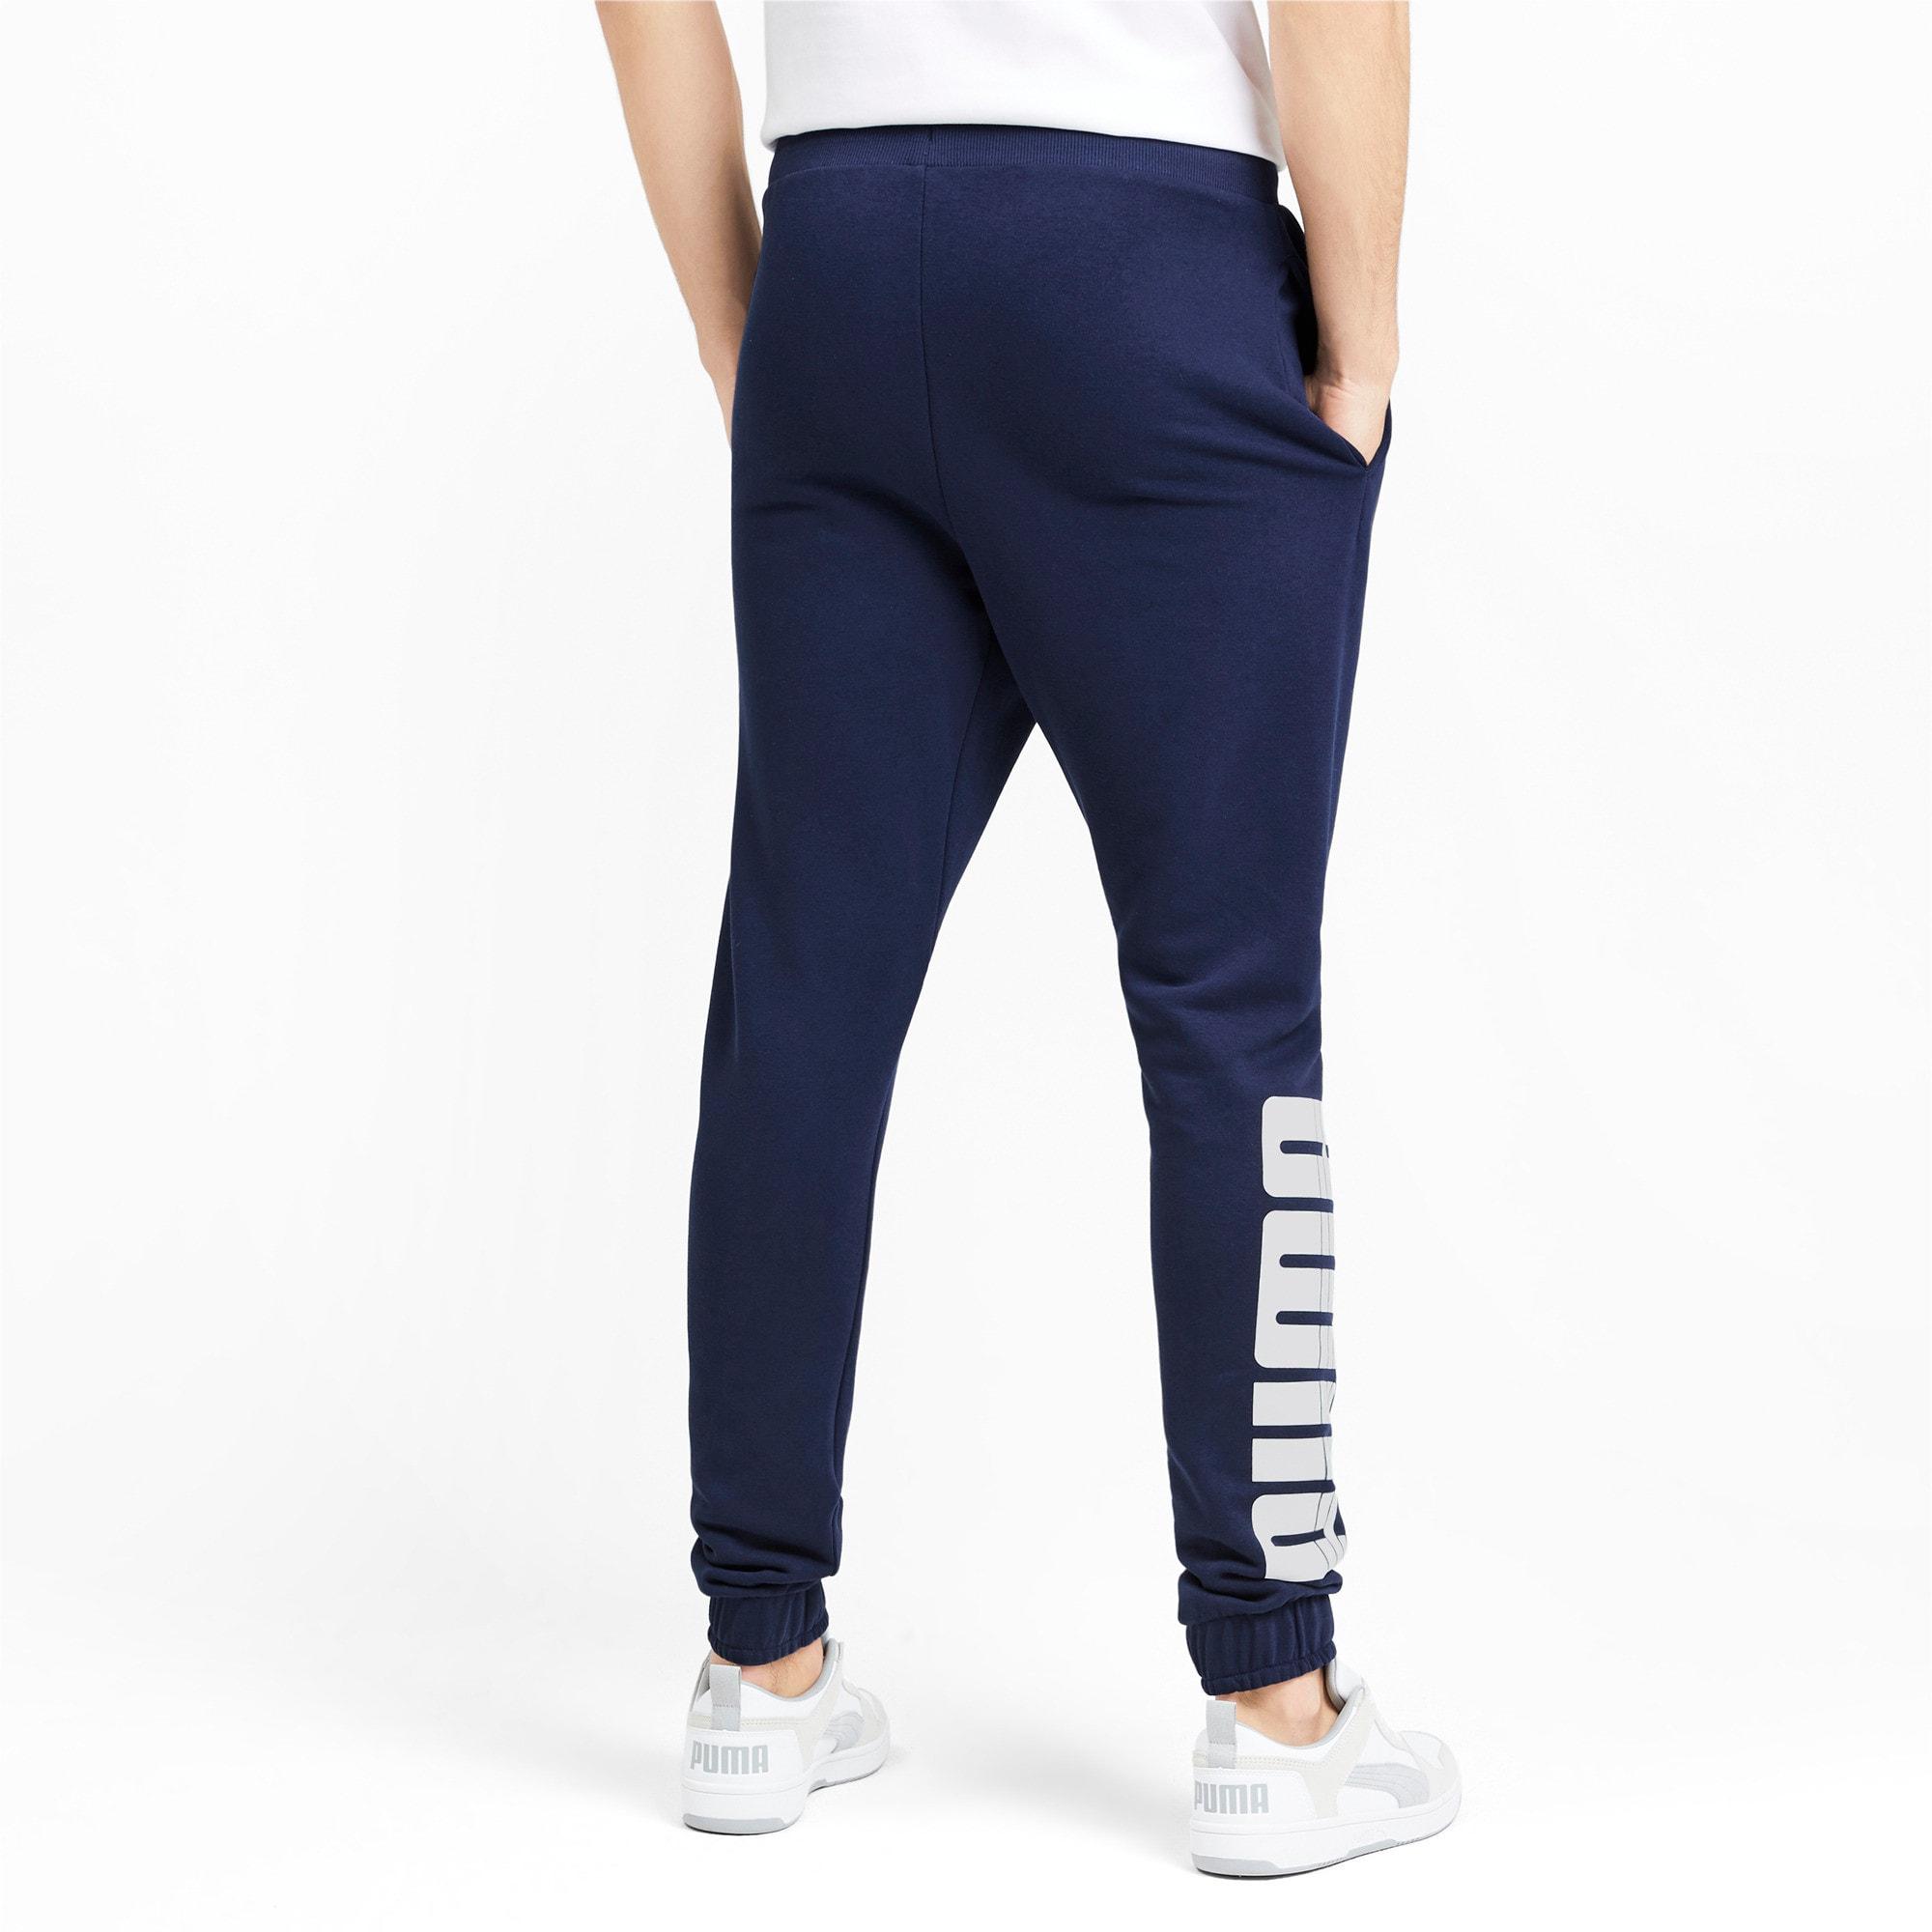 Miniatura 3 de Pantalones Rebel Bold para hombre, Peacoat, mediano